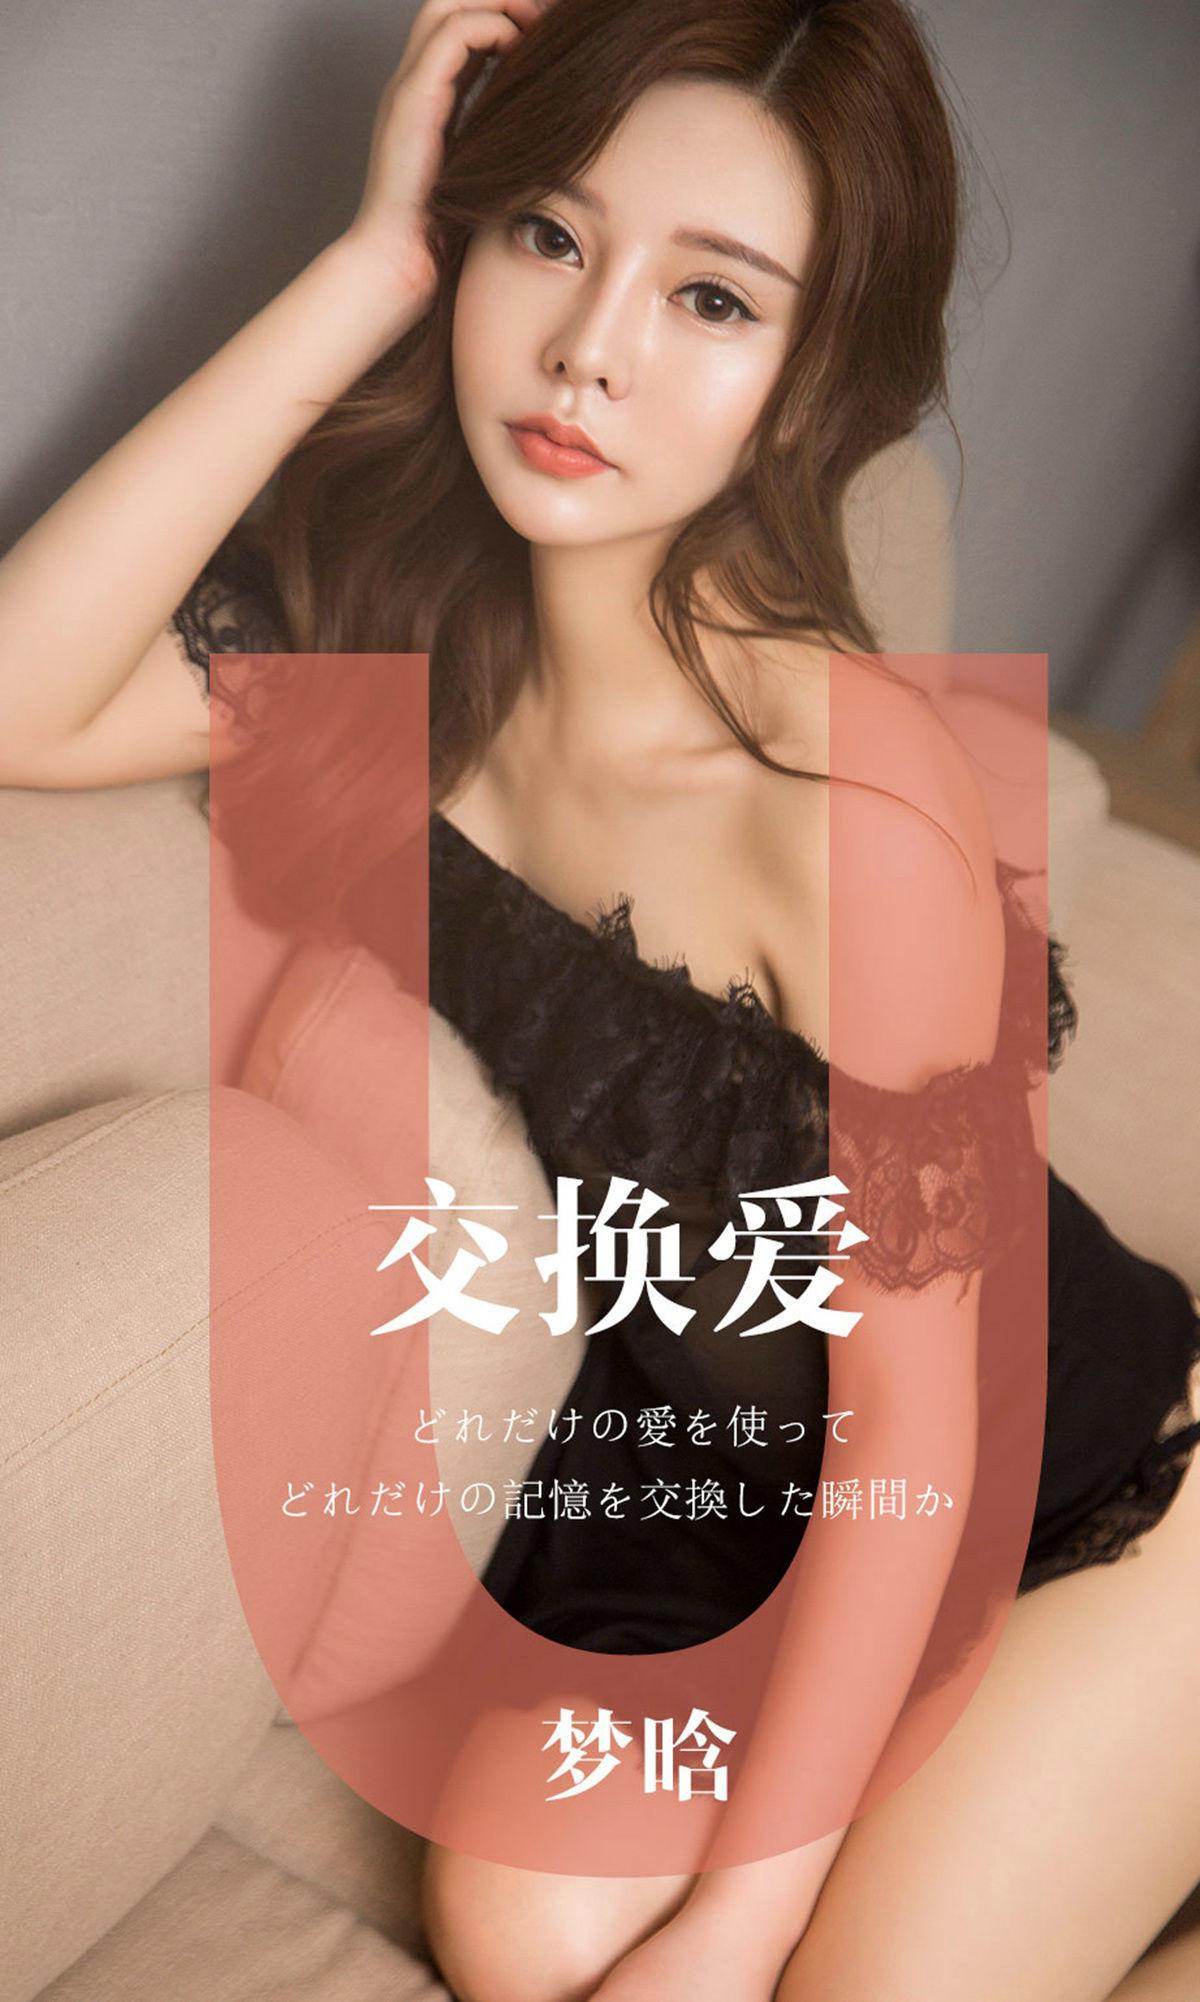 [Ugirls尤果圈] No.1465 梦晗 - 交换爱 写真套图